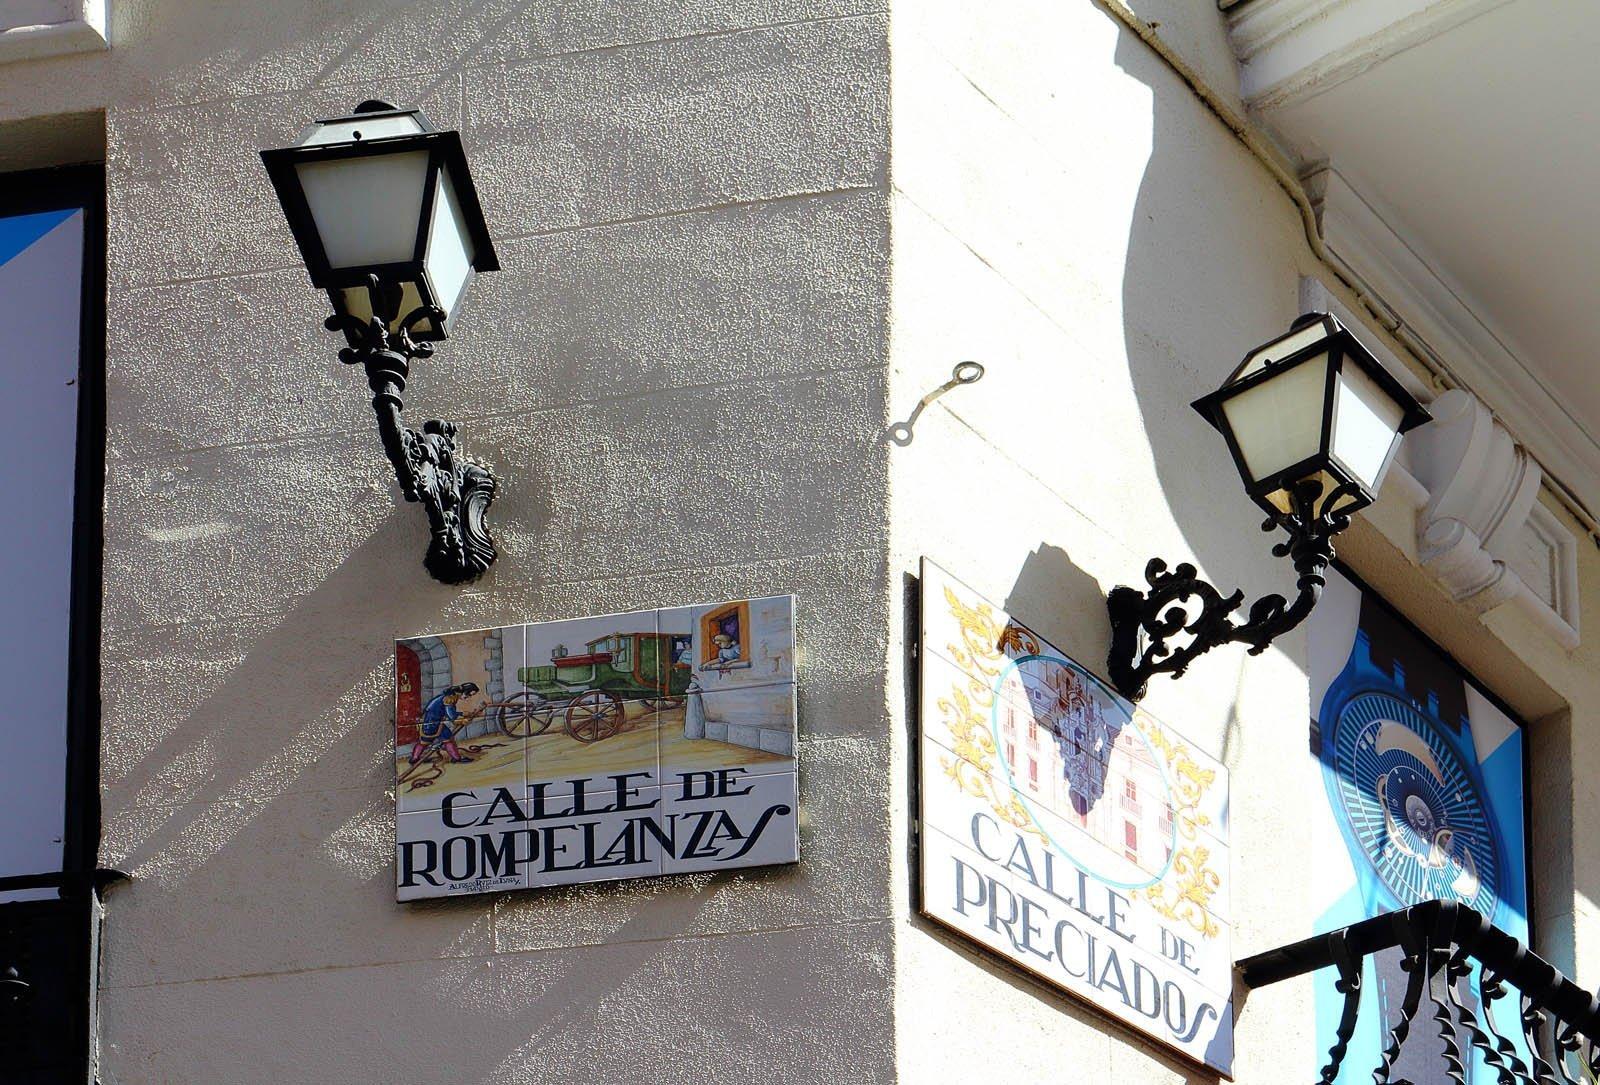 Placas de Calle Rompelanzas y Preciados.